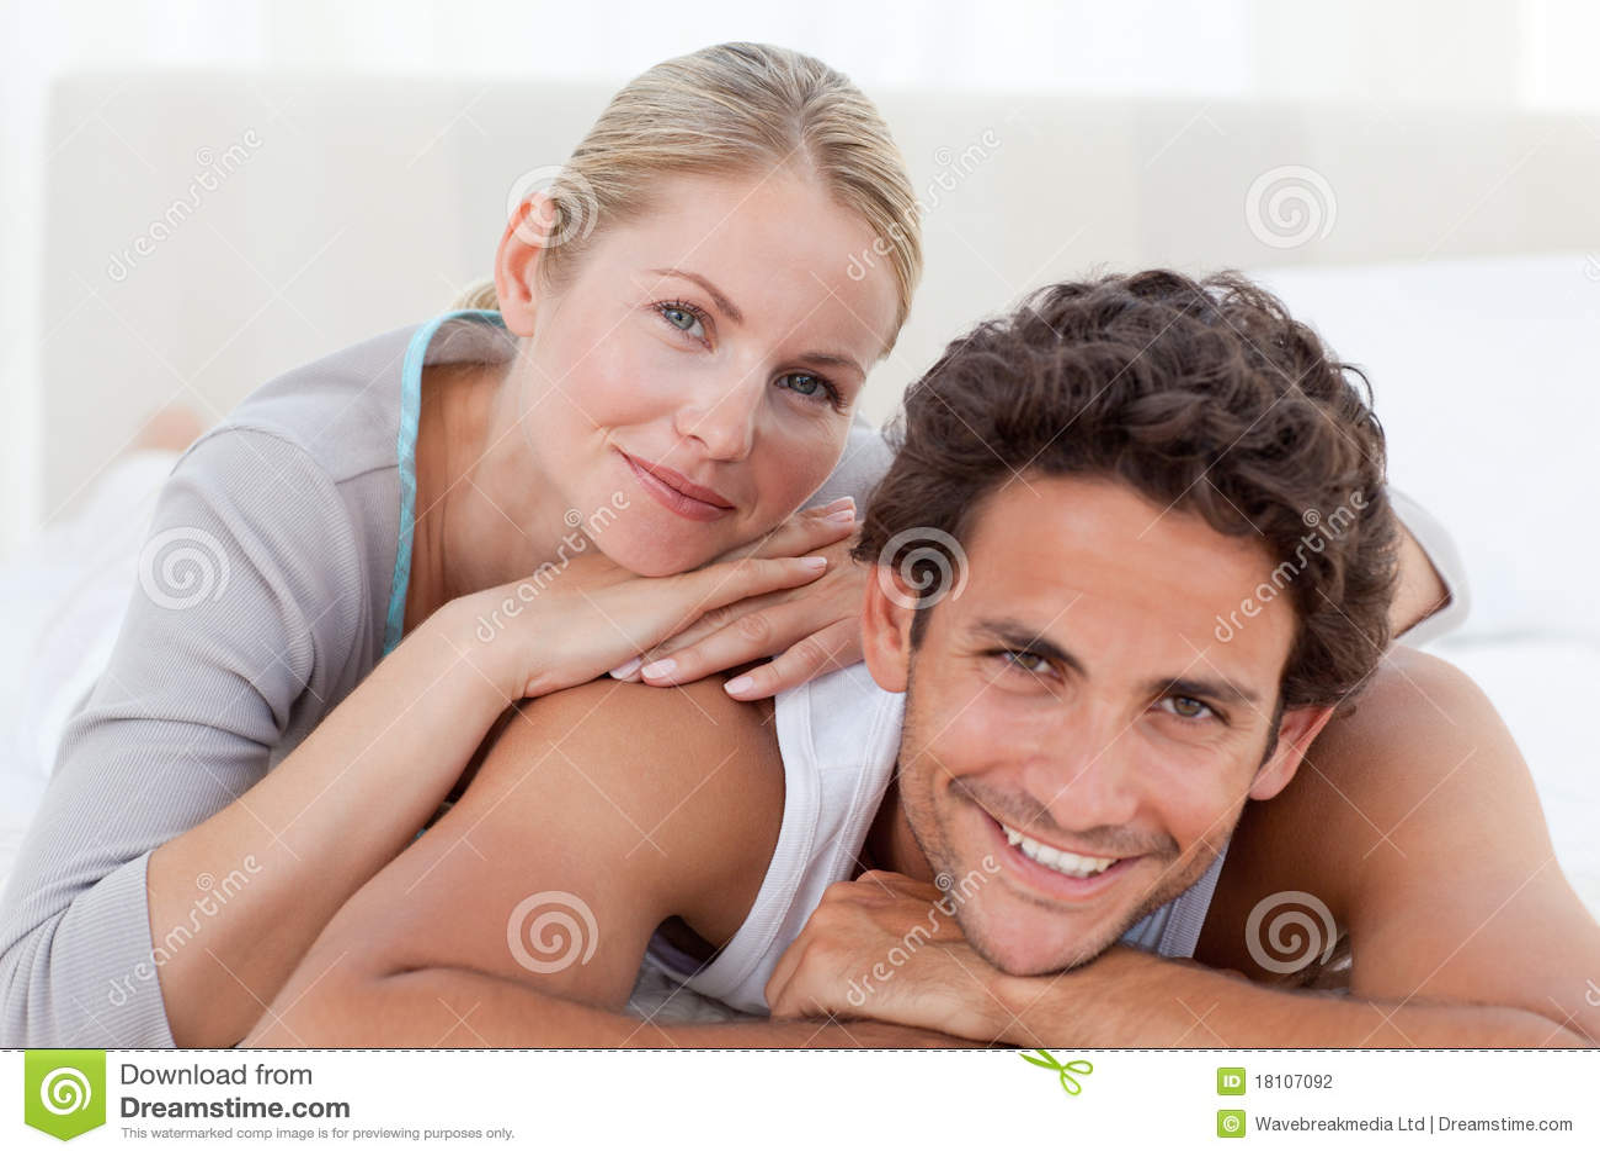 Фото семейные пара и подружки 22 фотография